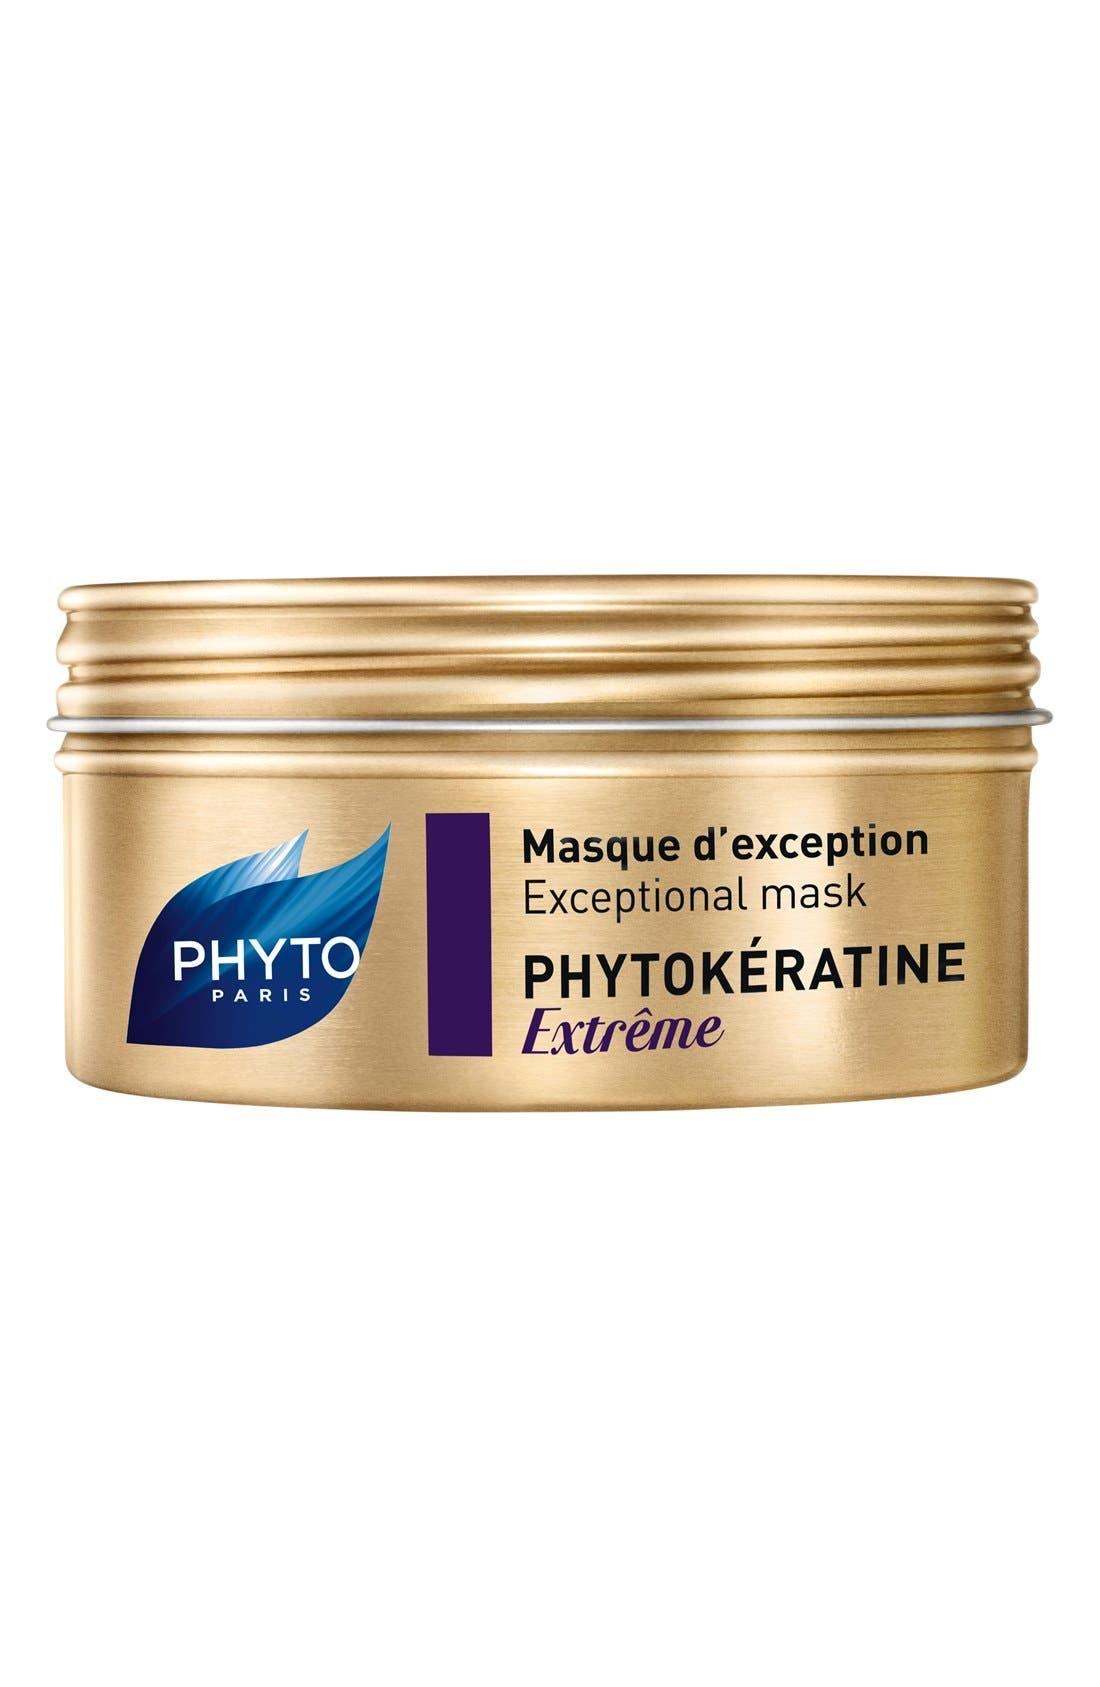 Phytokératine Extrême Exceptional Mask,                         Main,                         color, NO COLOR